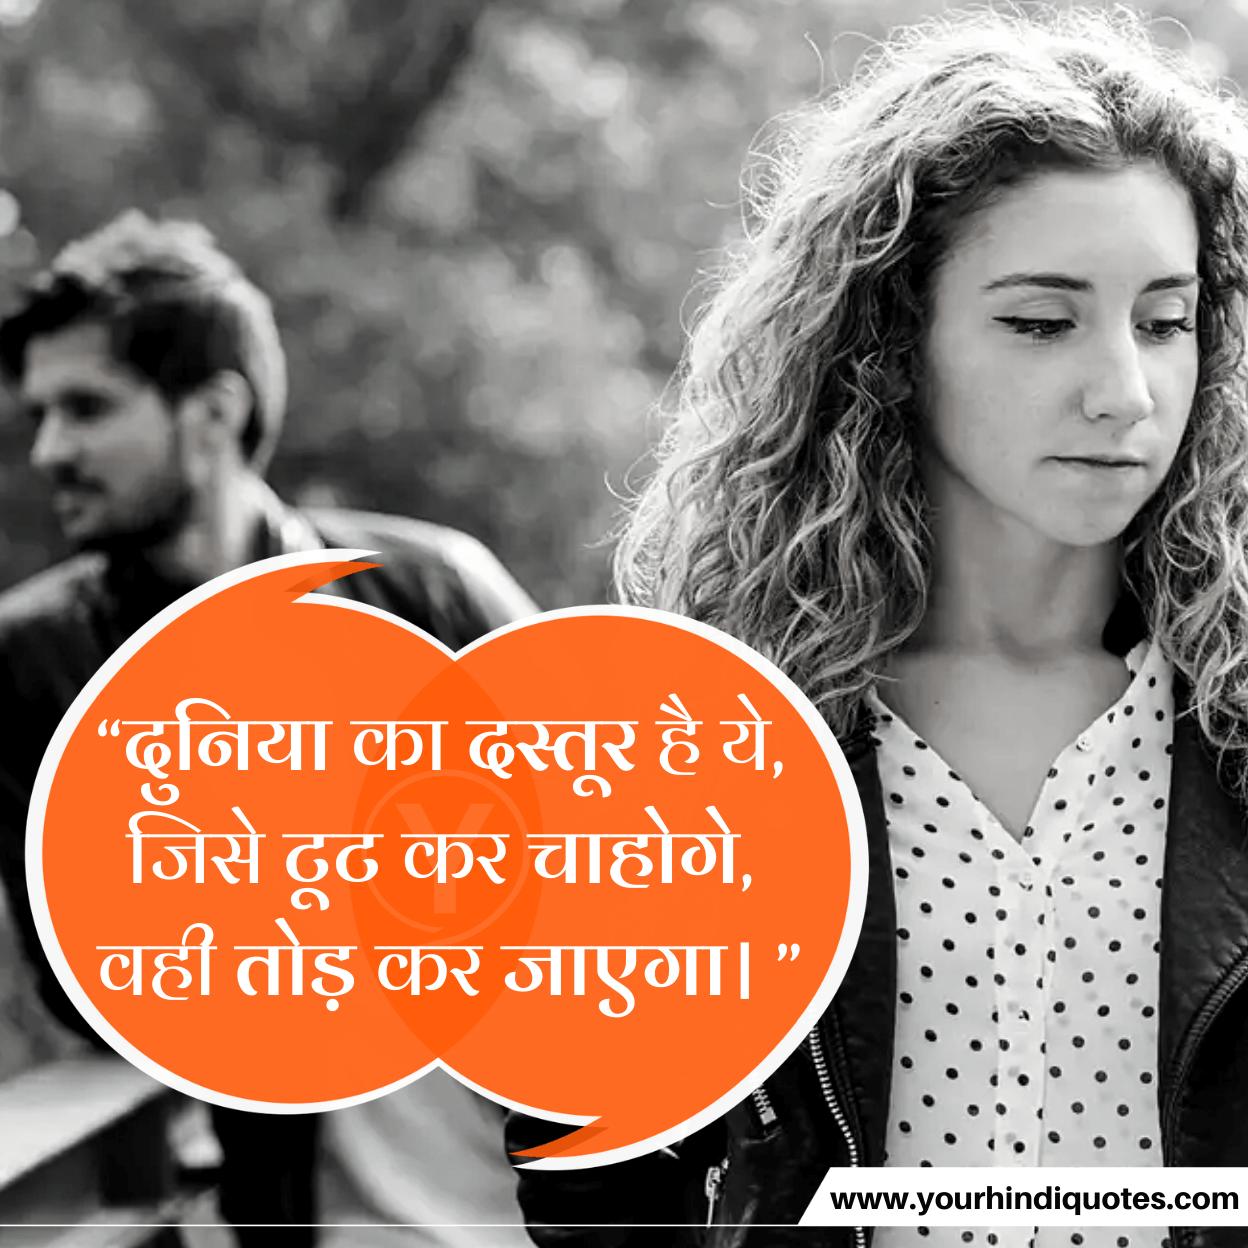 Hindi Sad Quotes wallpaper